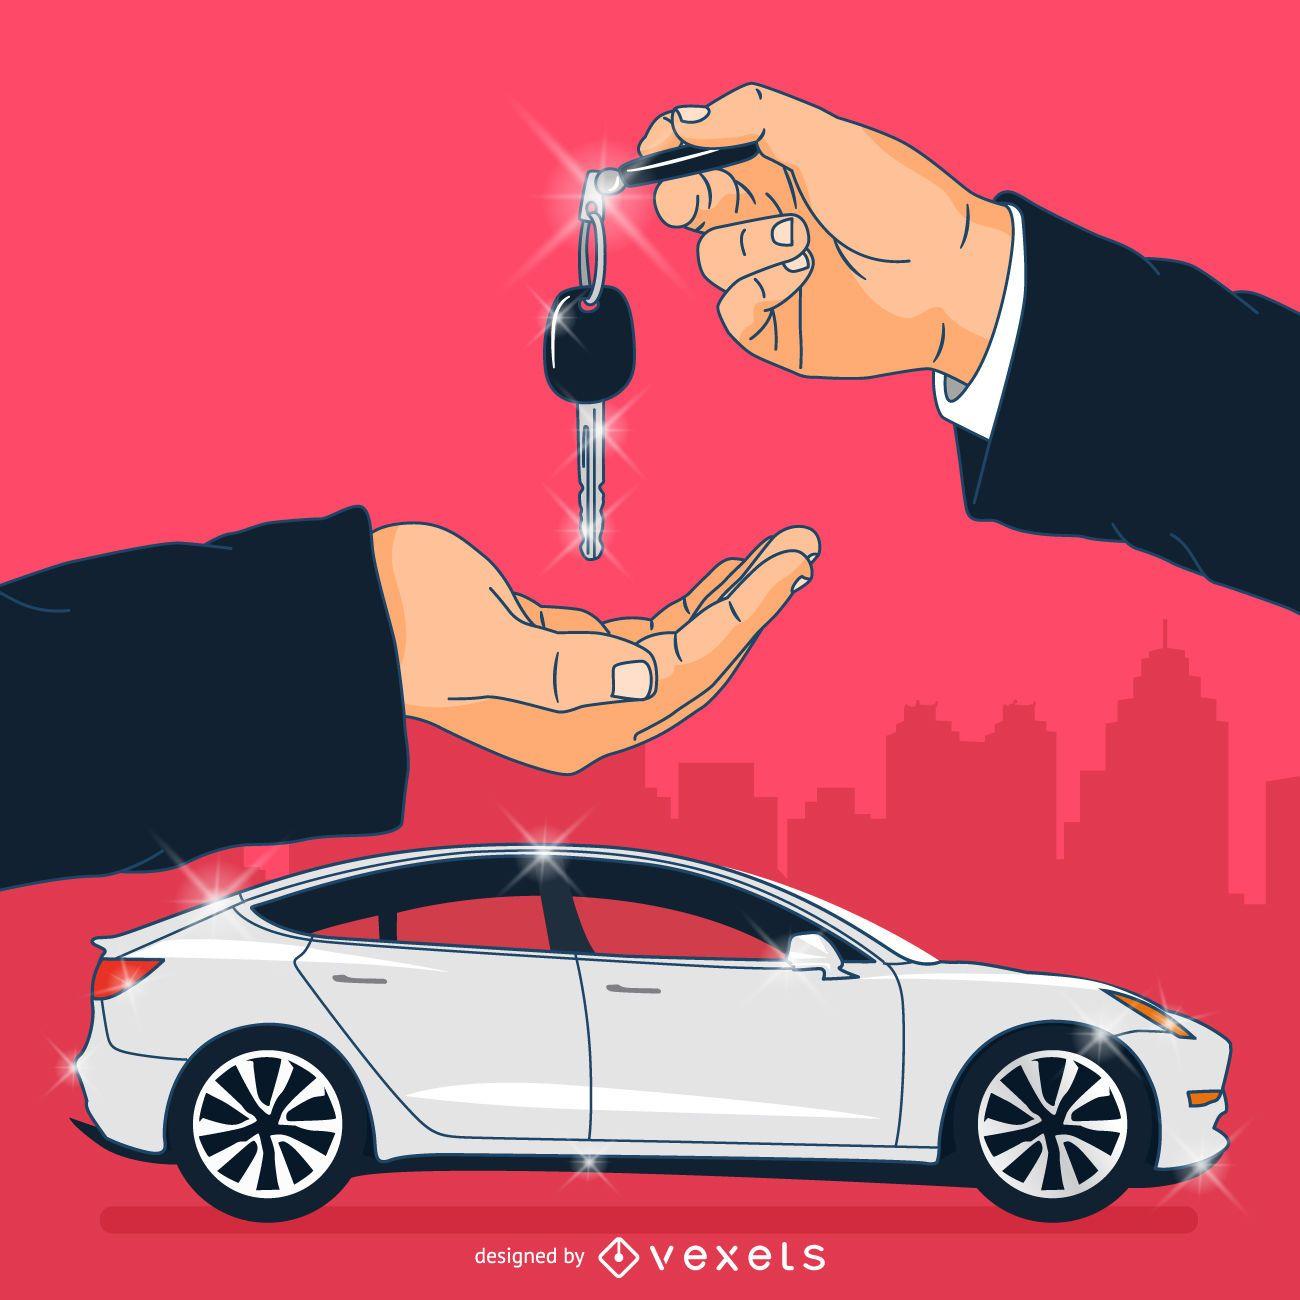 Car dealer ownership illustration